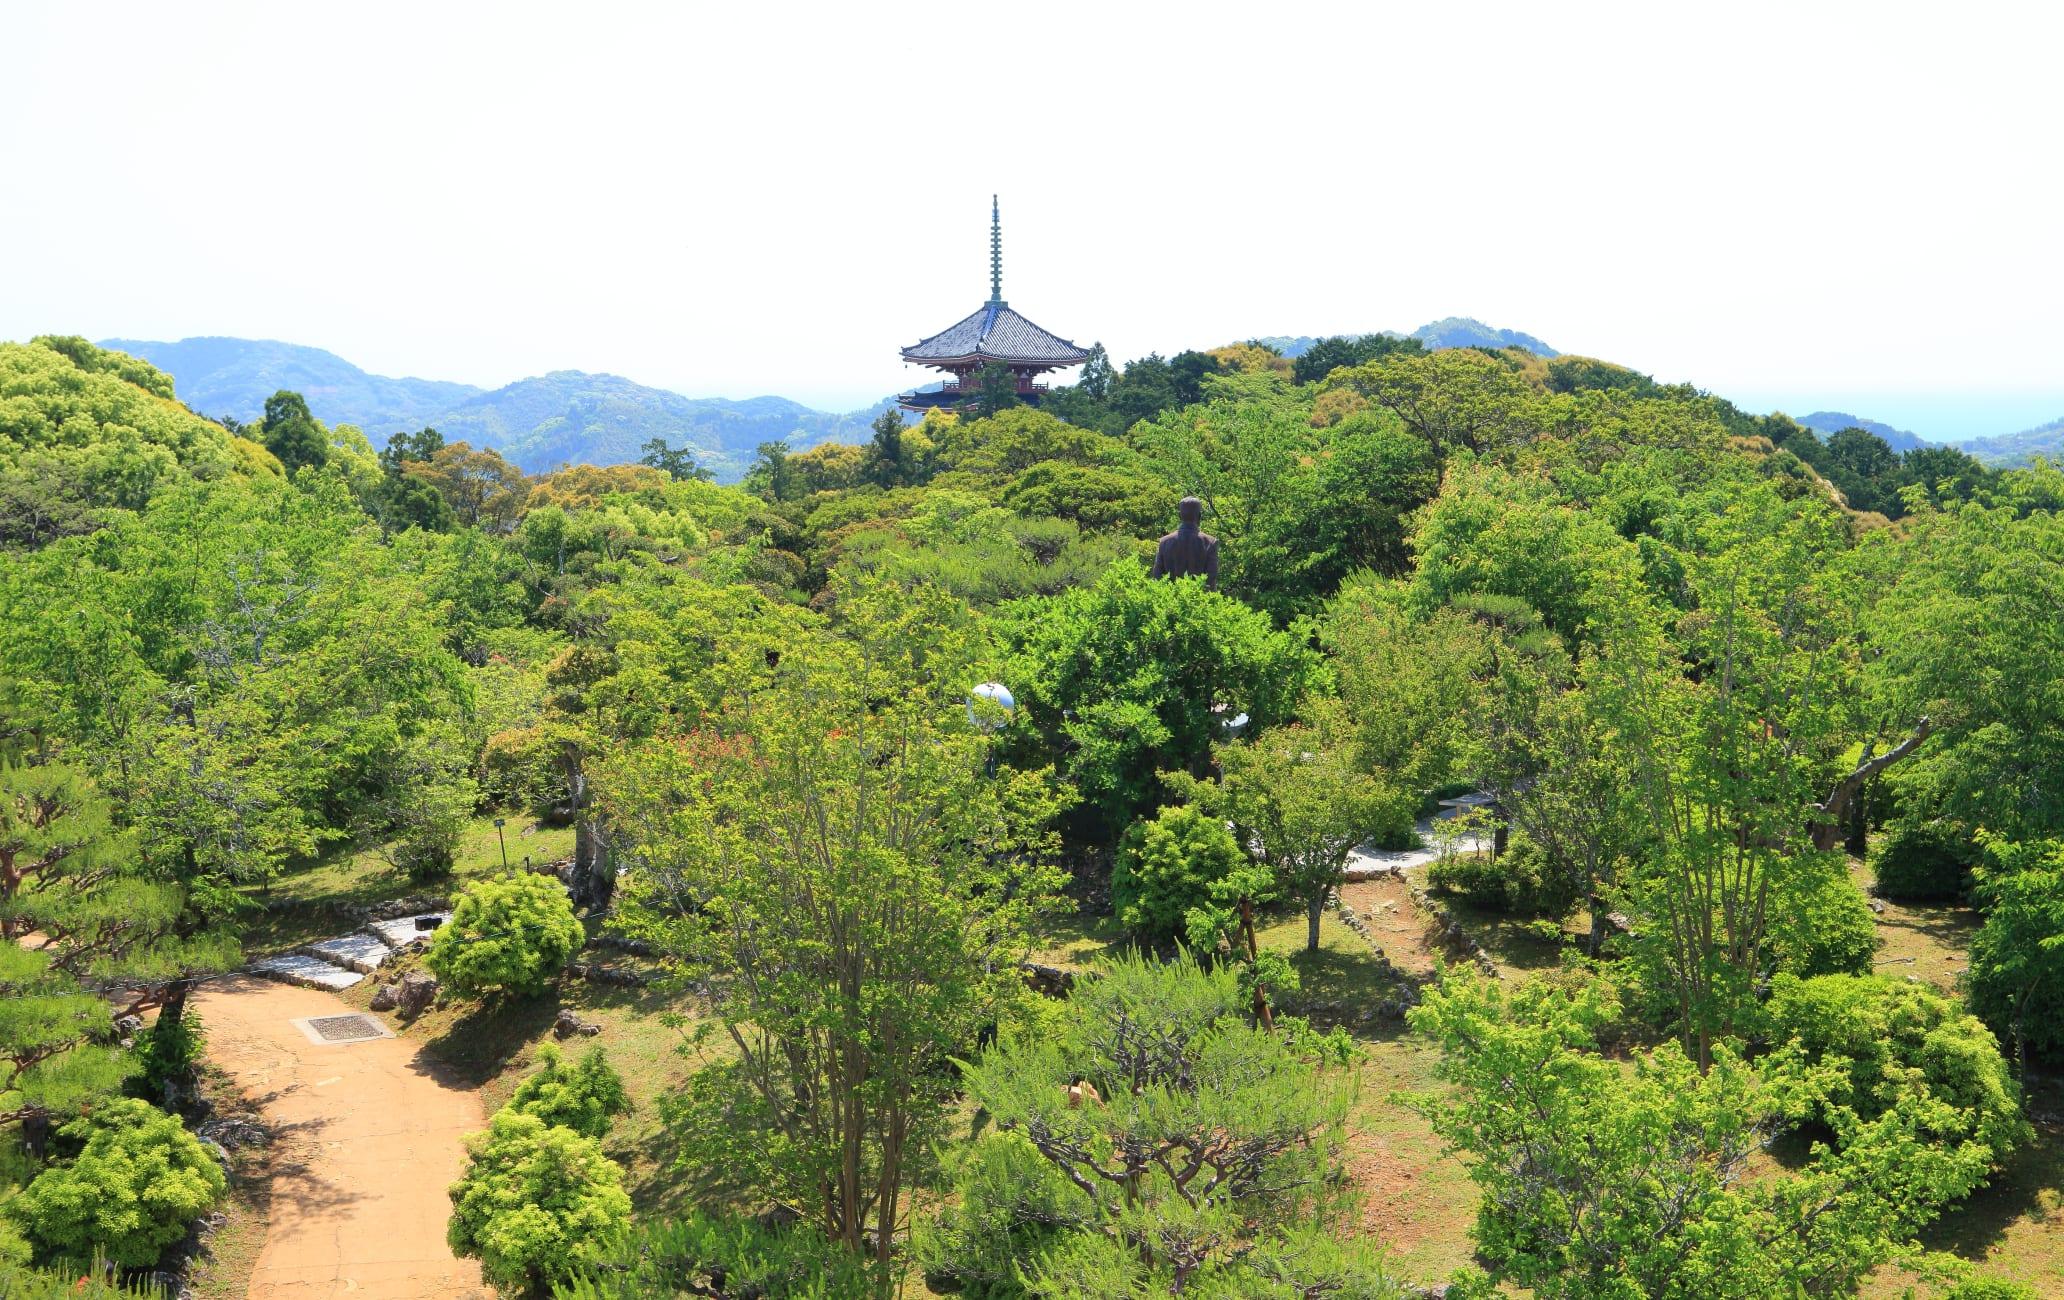 Mount Godaisan